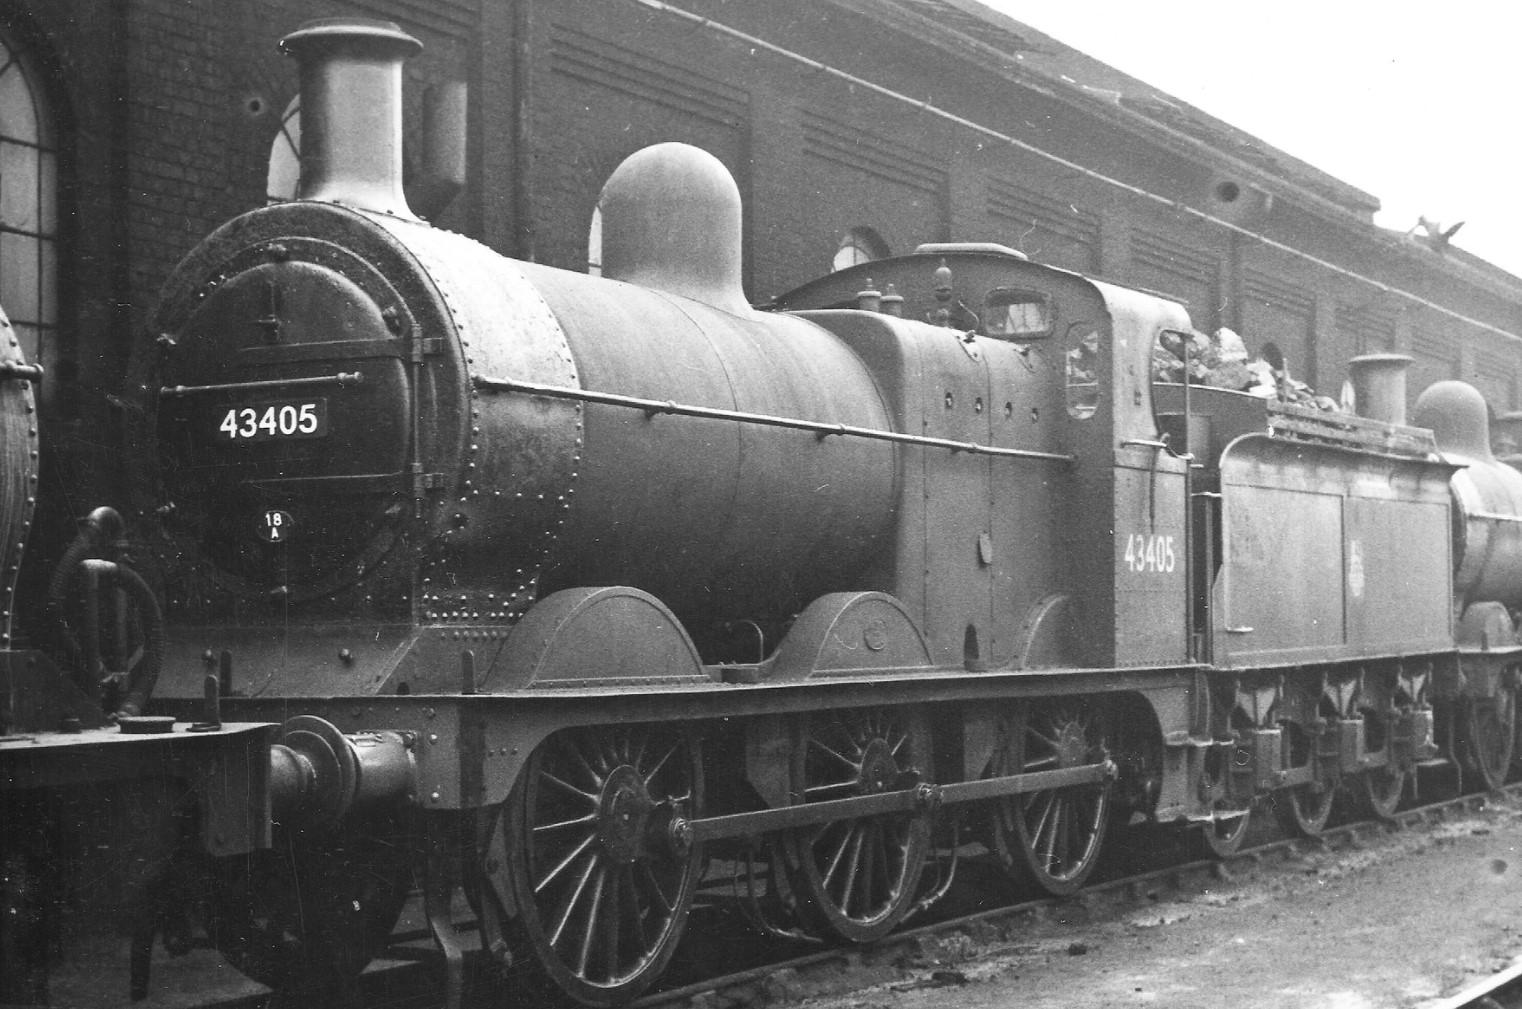 43405 at Derby shed in August 1957. © via Dan Adkins